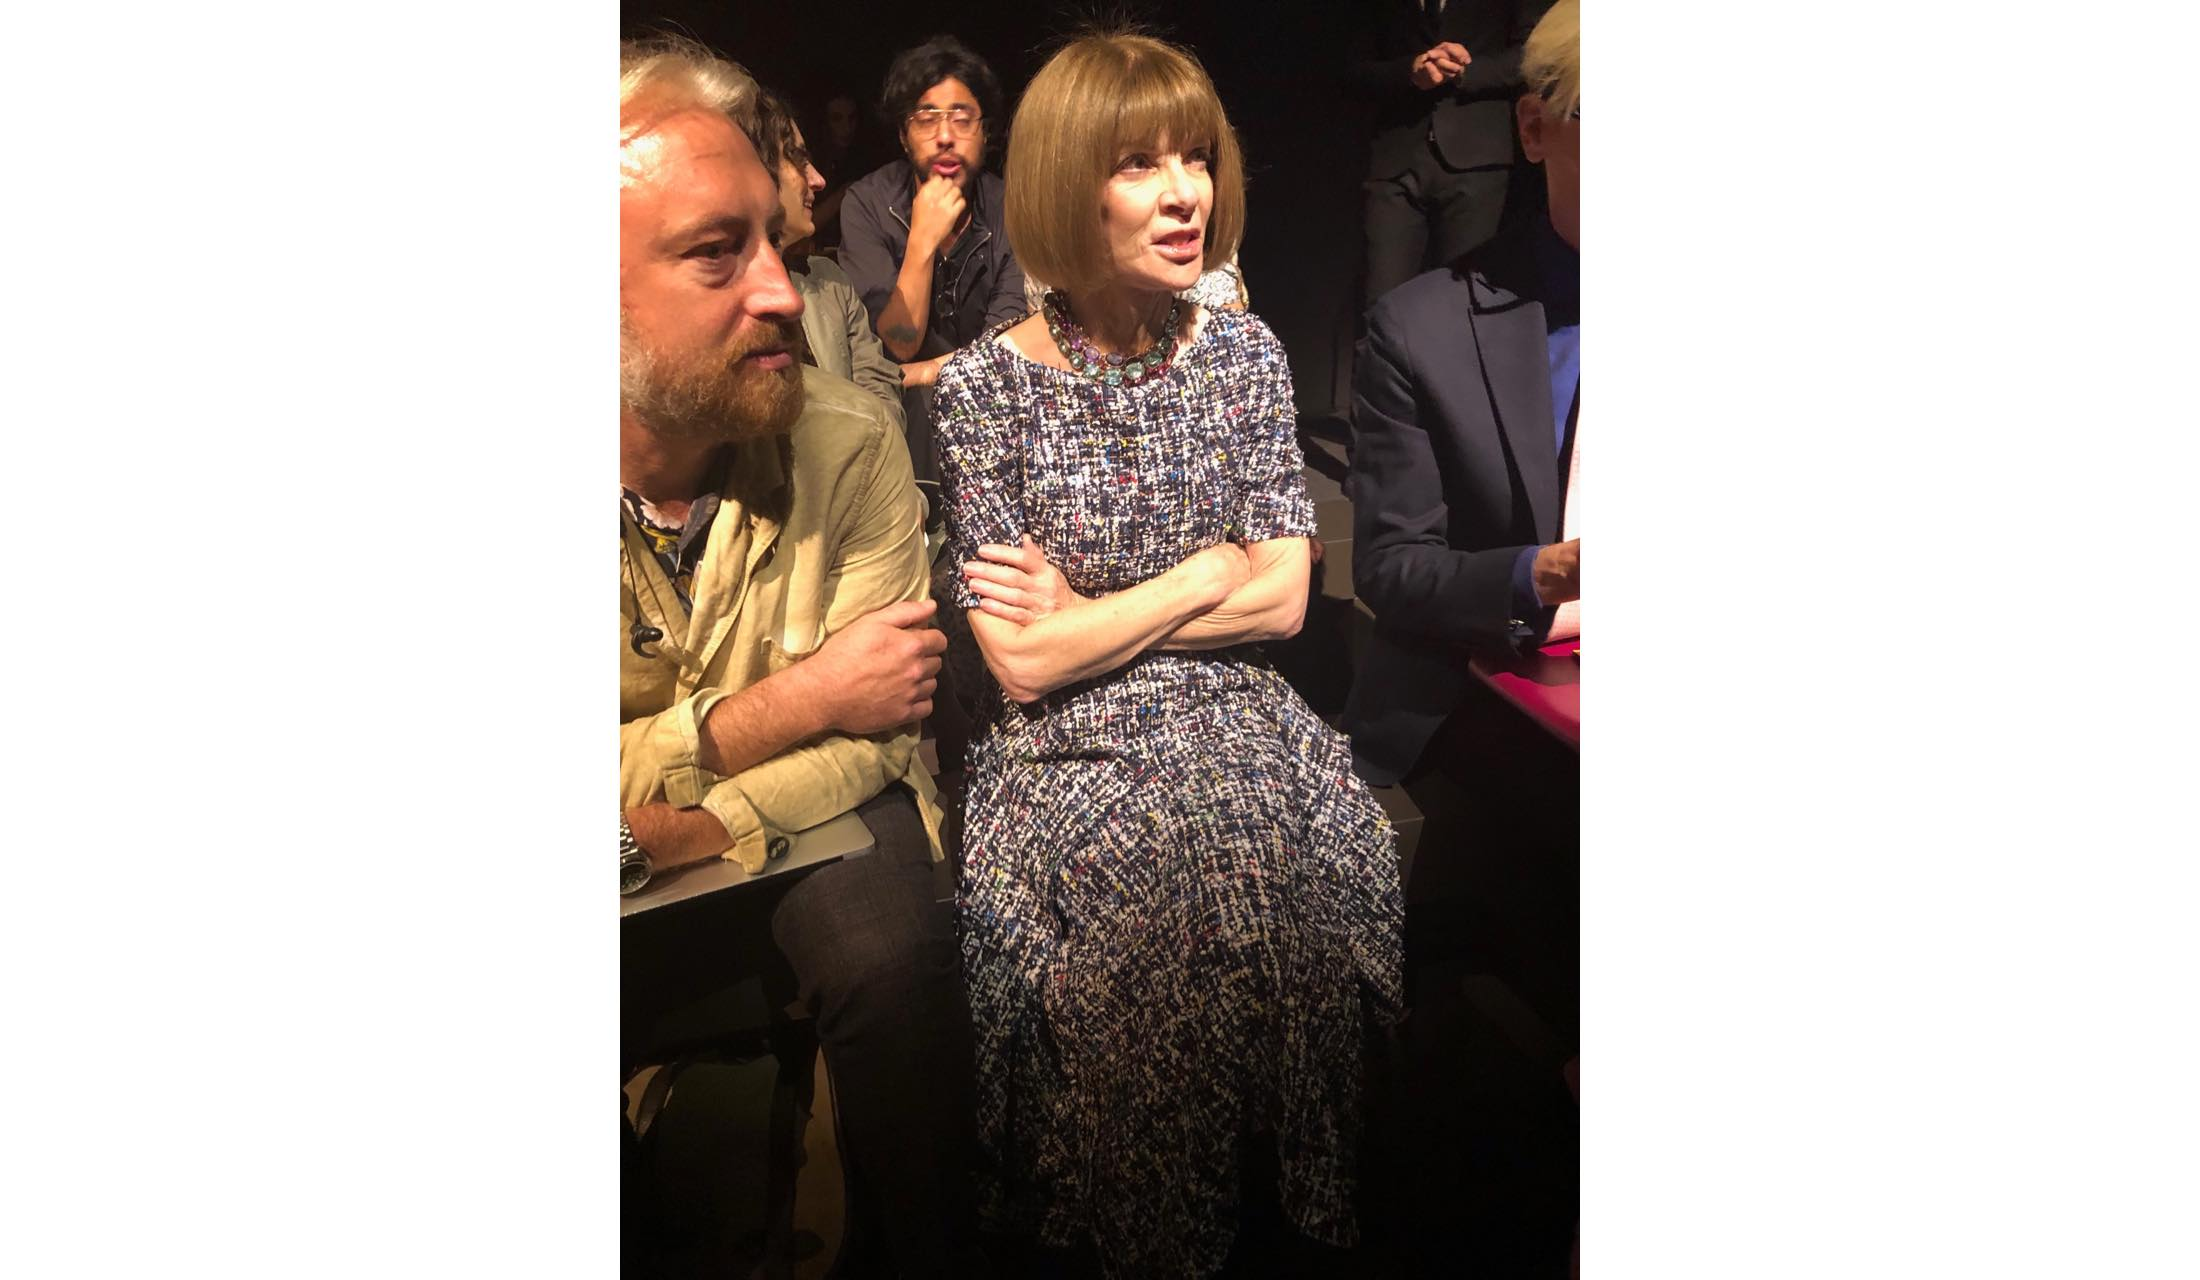 ファッションジャーナリストの藤岡篤子さんが、現在開催中の2020年SS ミラノ コレクション会場で見つけたおしゃれマダムのスナップ写真